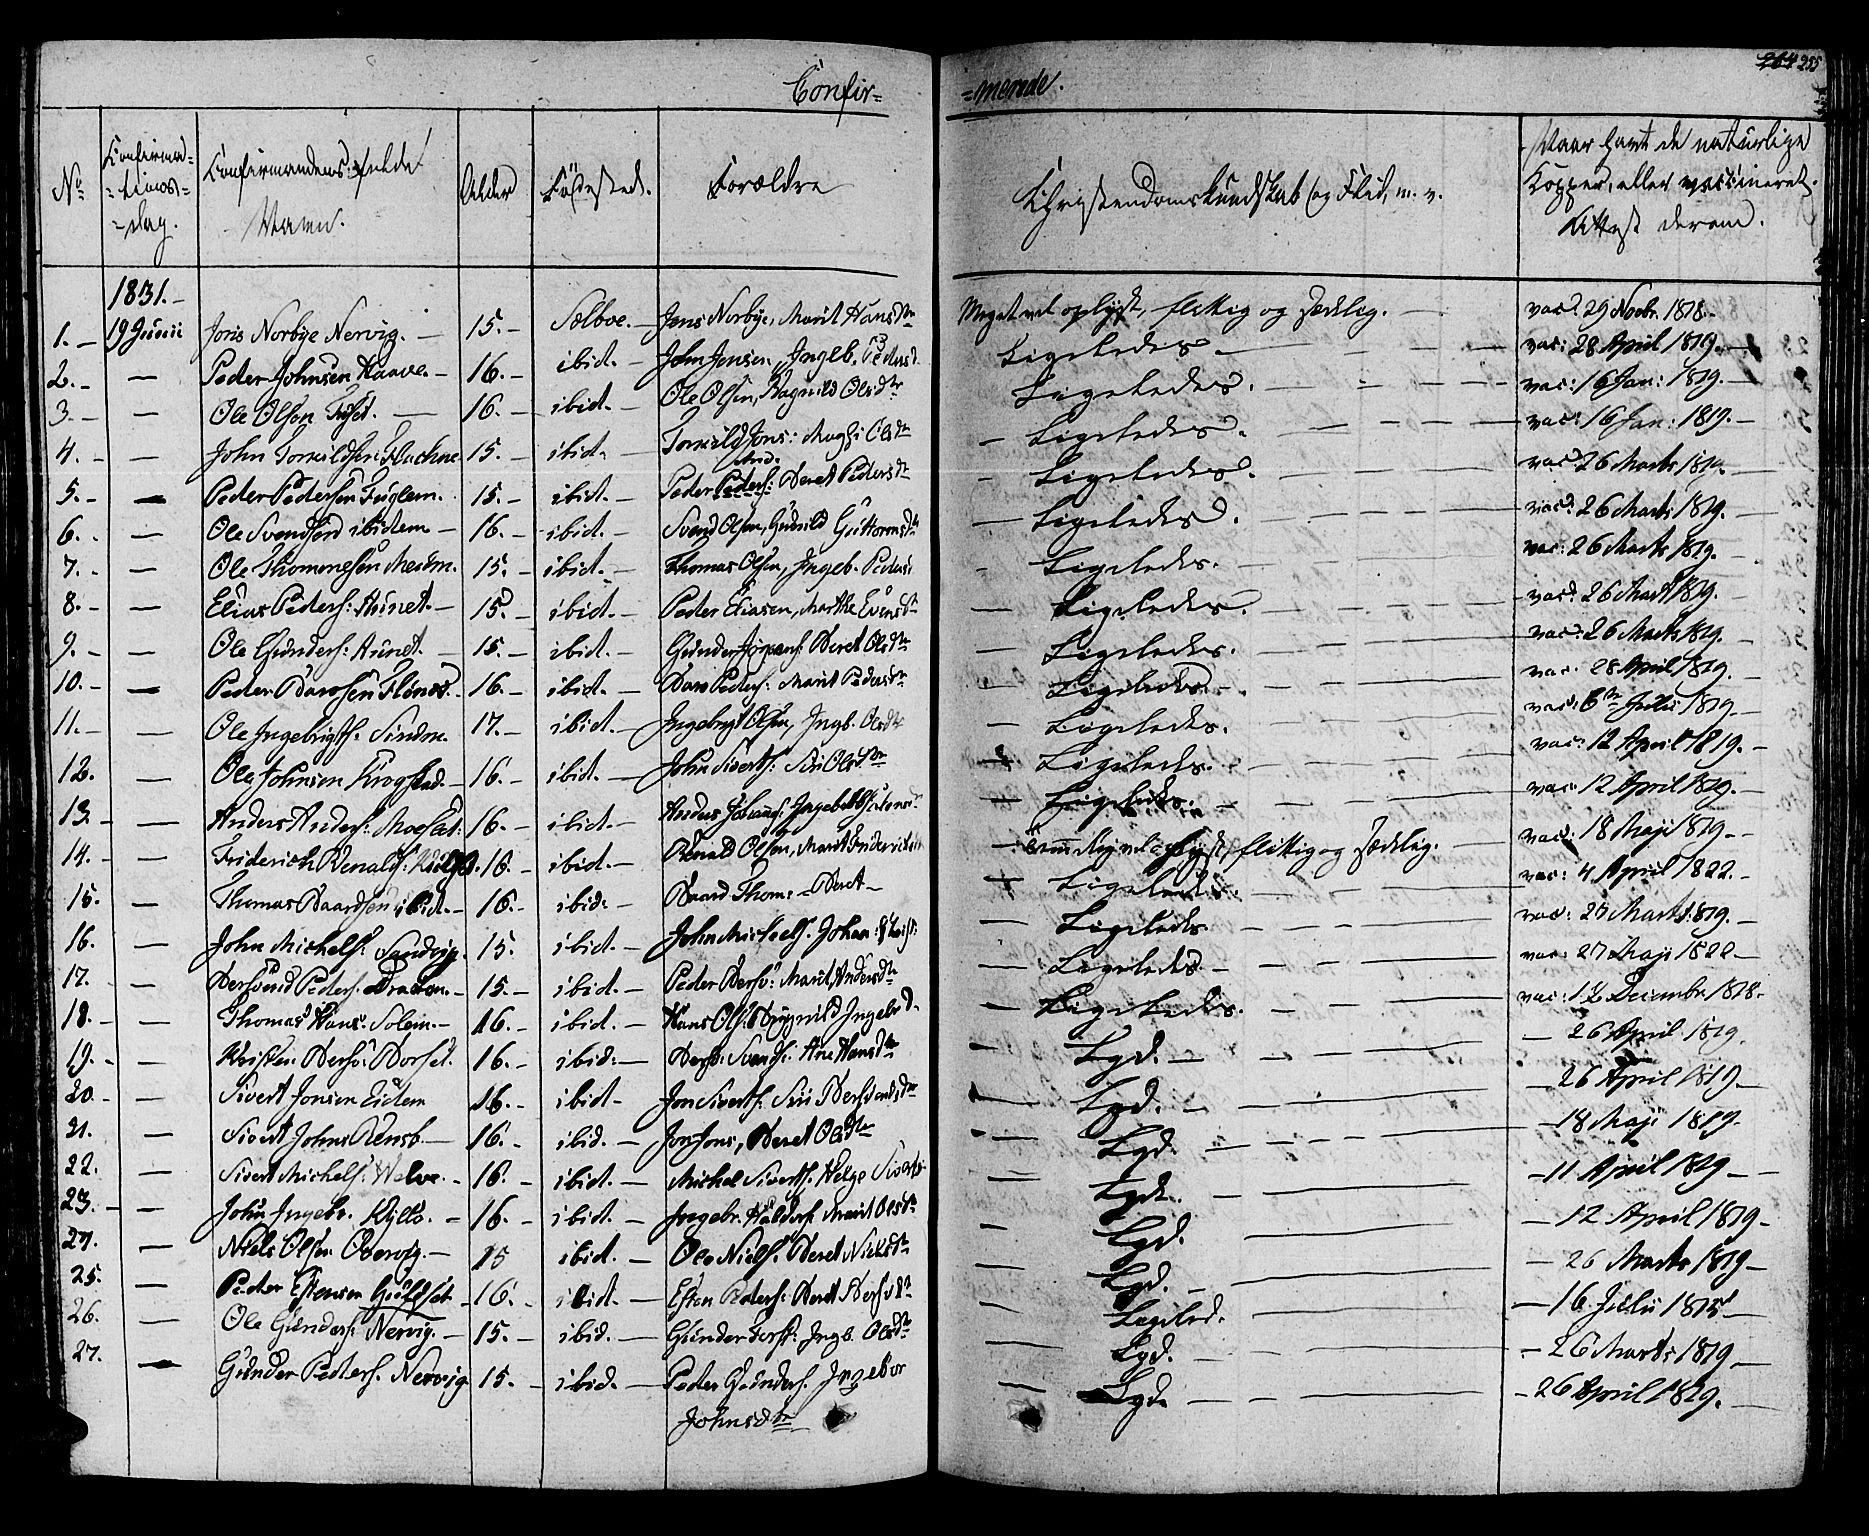 SAT, Ministerialprotokoller, klokkerbøker og fødselsregistre - Sør-Trøndelag, 695/L1143: Ministerialbok nr. 695A05 /1, 1824-1842, s. 255